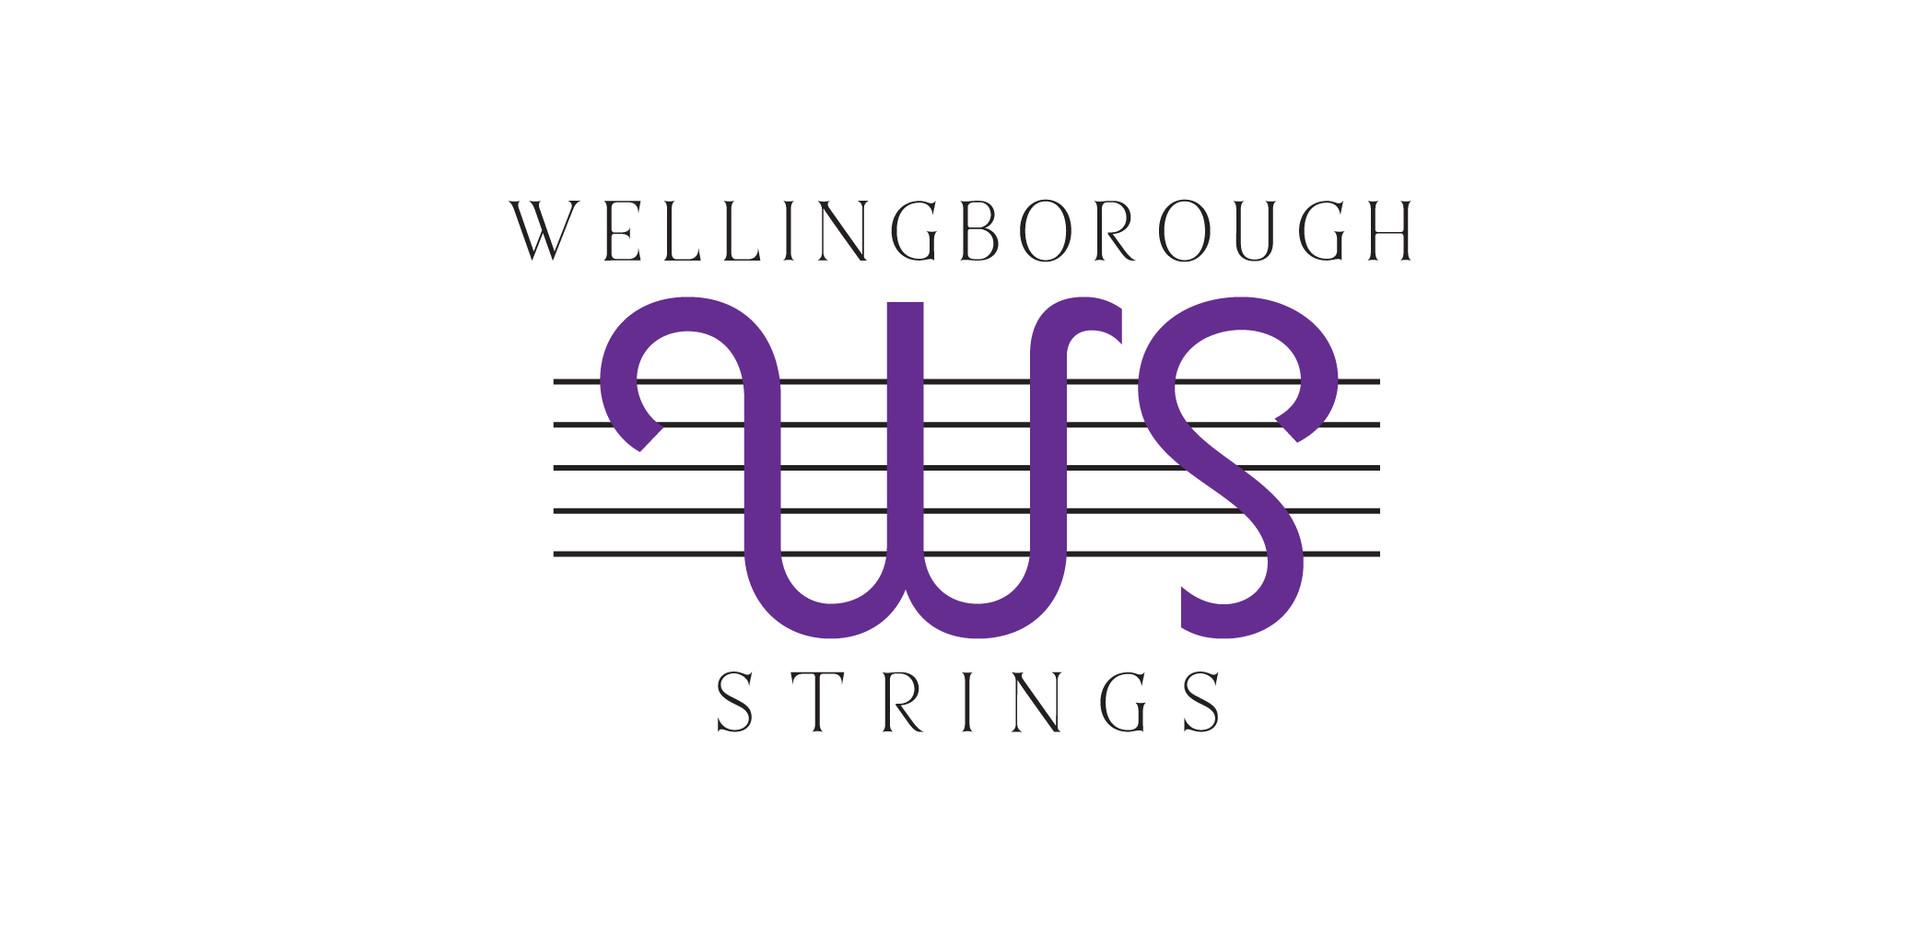 Wellingborough Strings.jpg